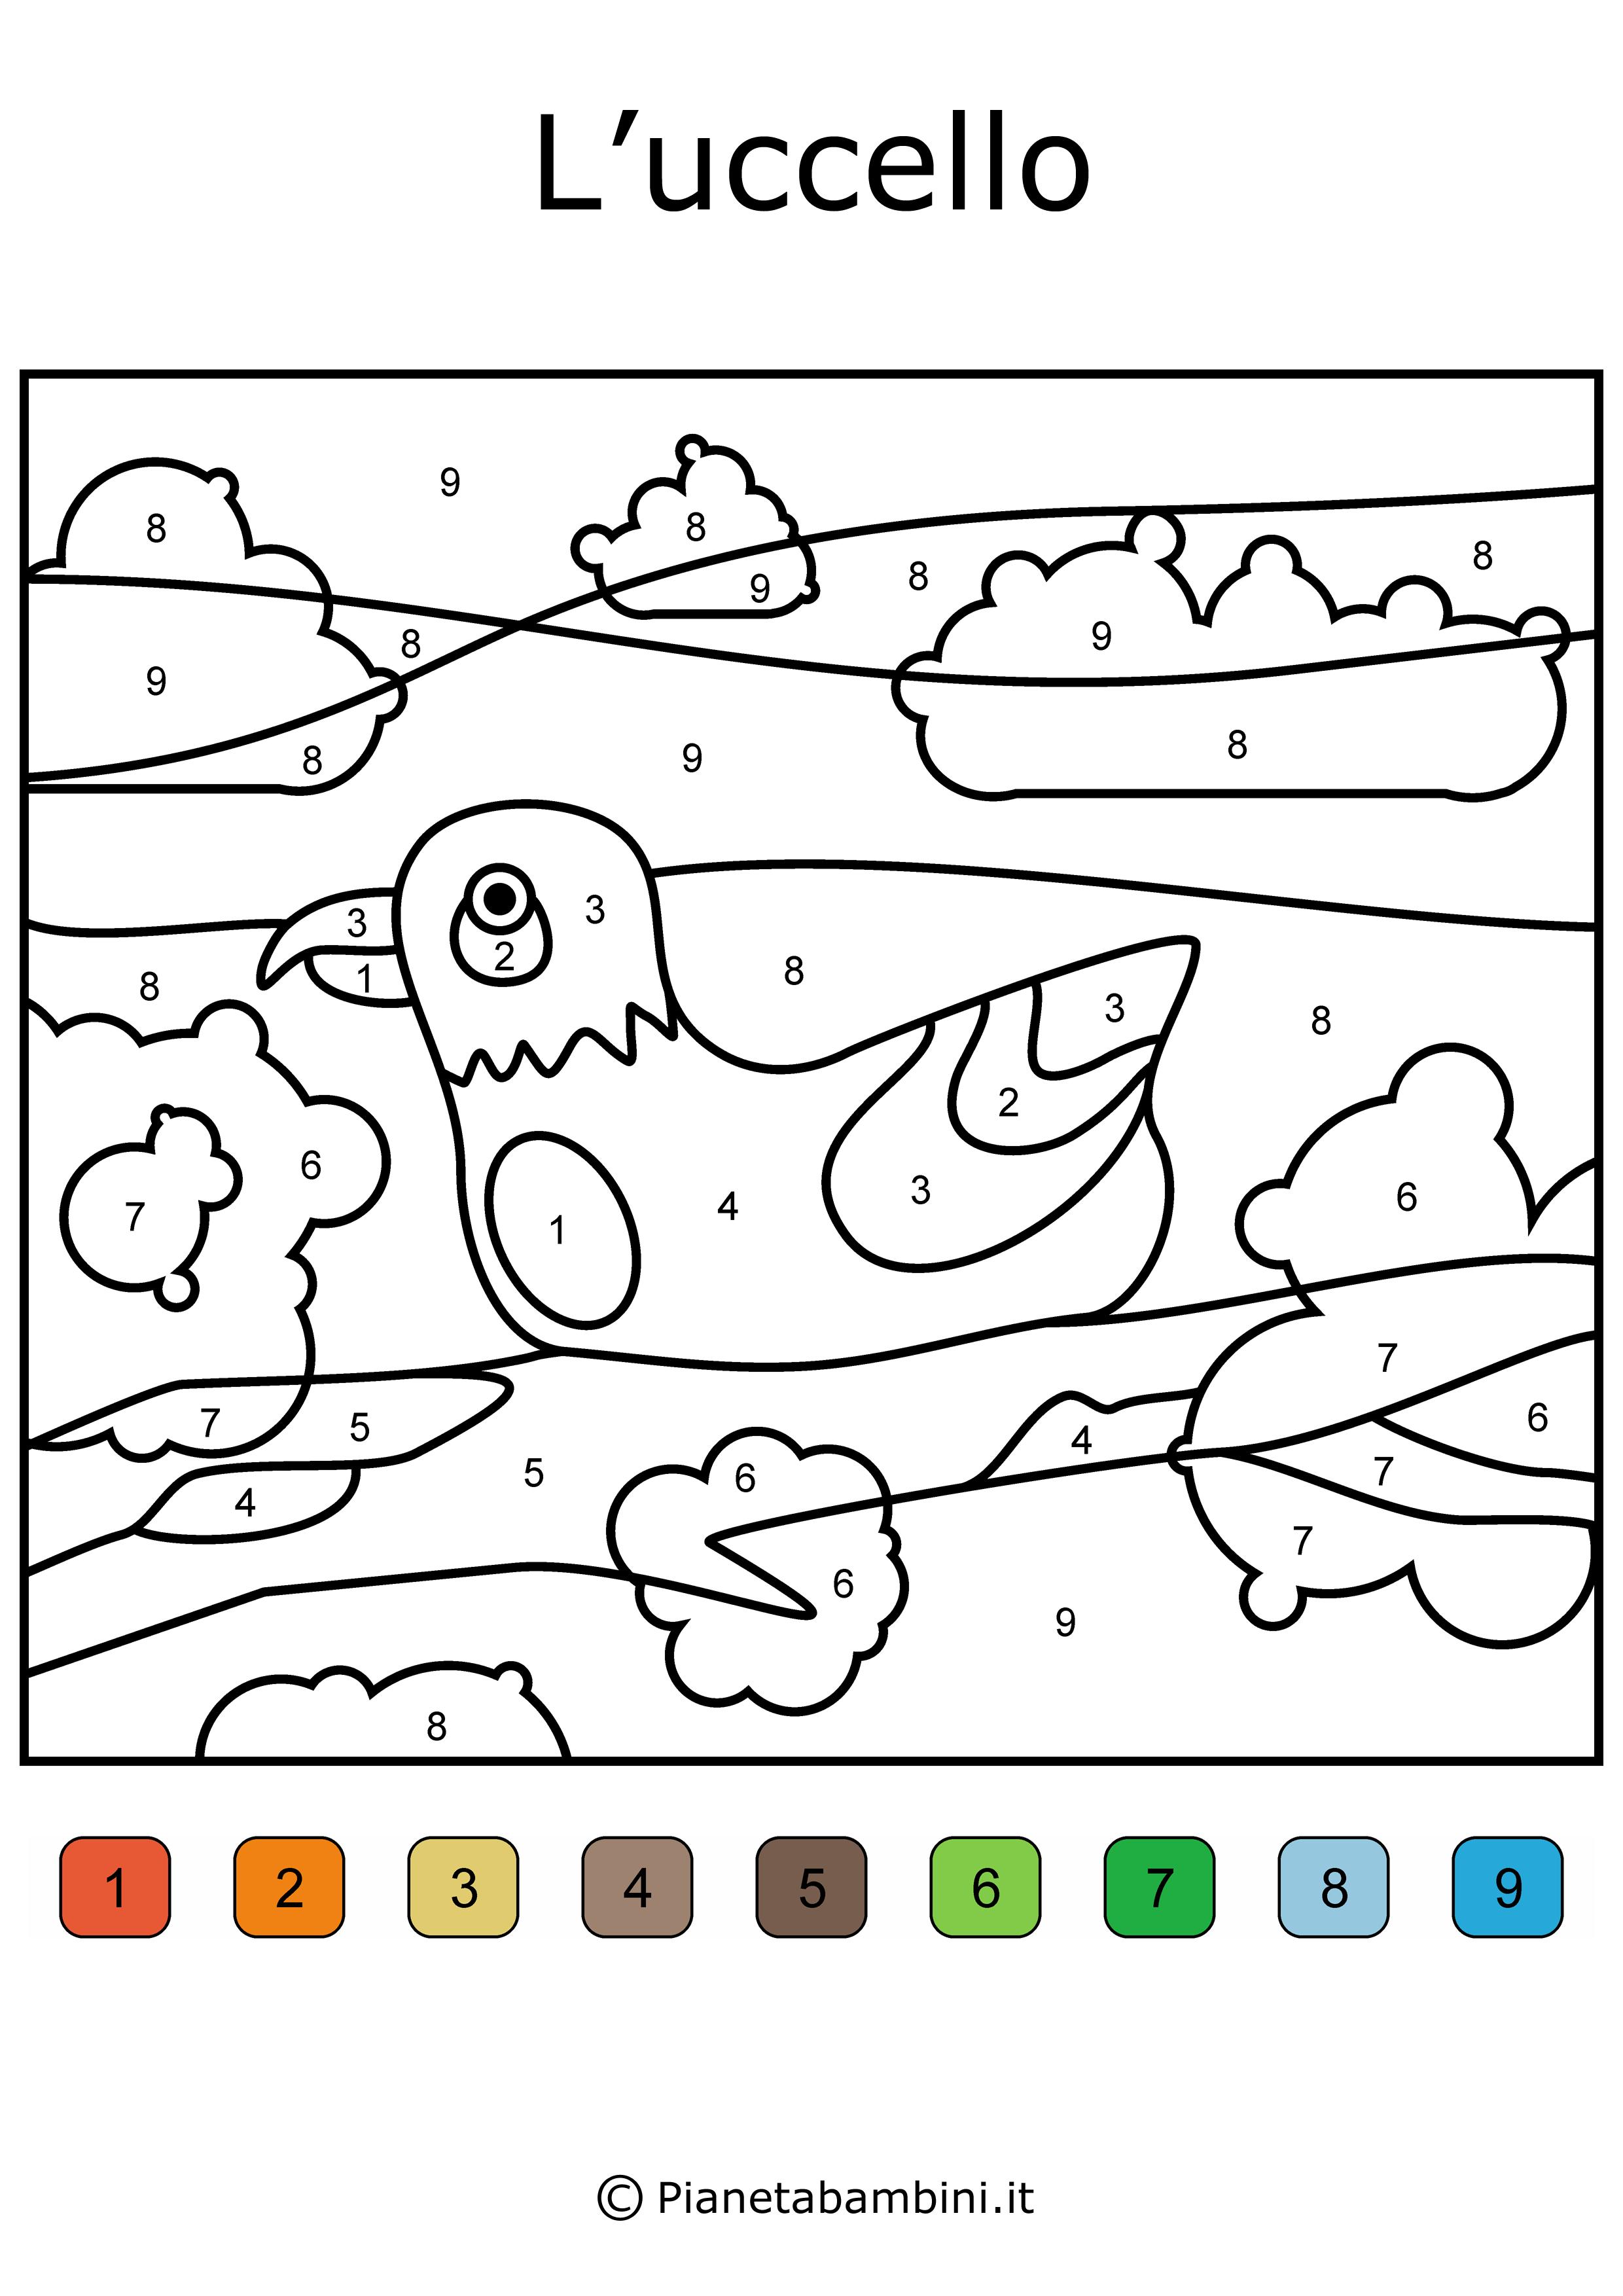 Conta-e-Colora-Semplice-Uccello